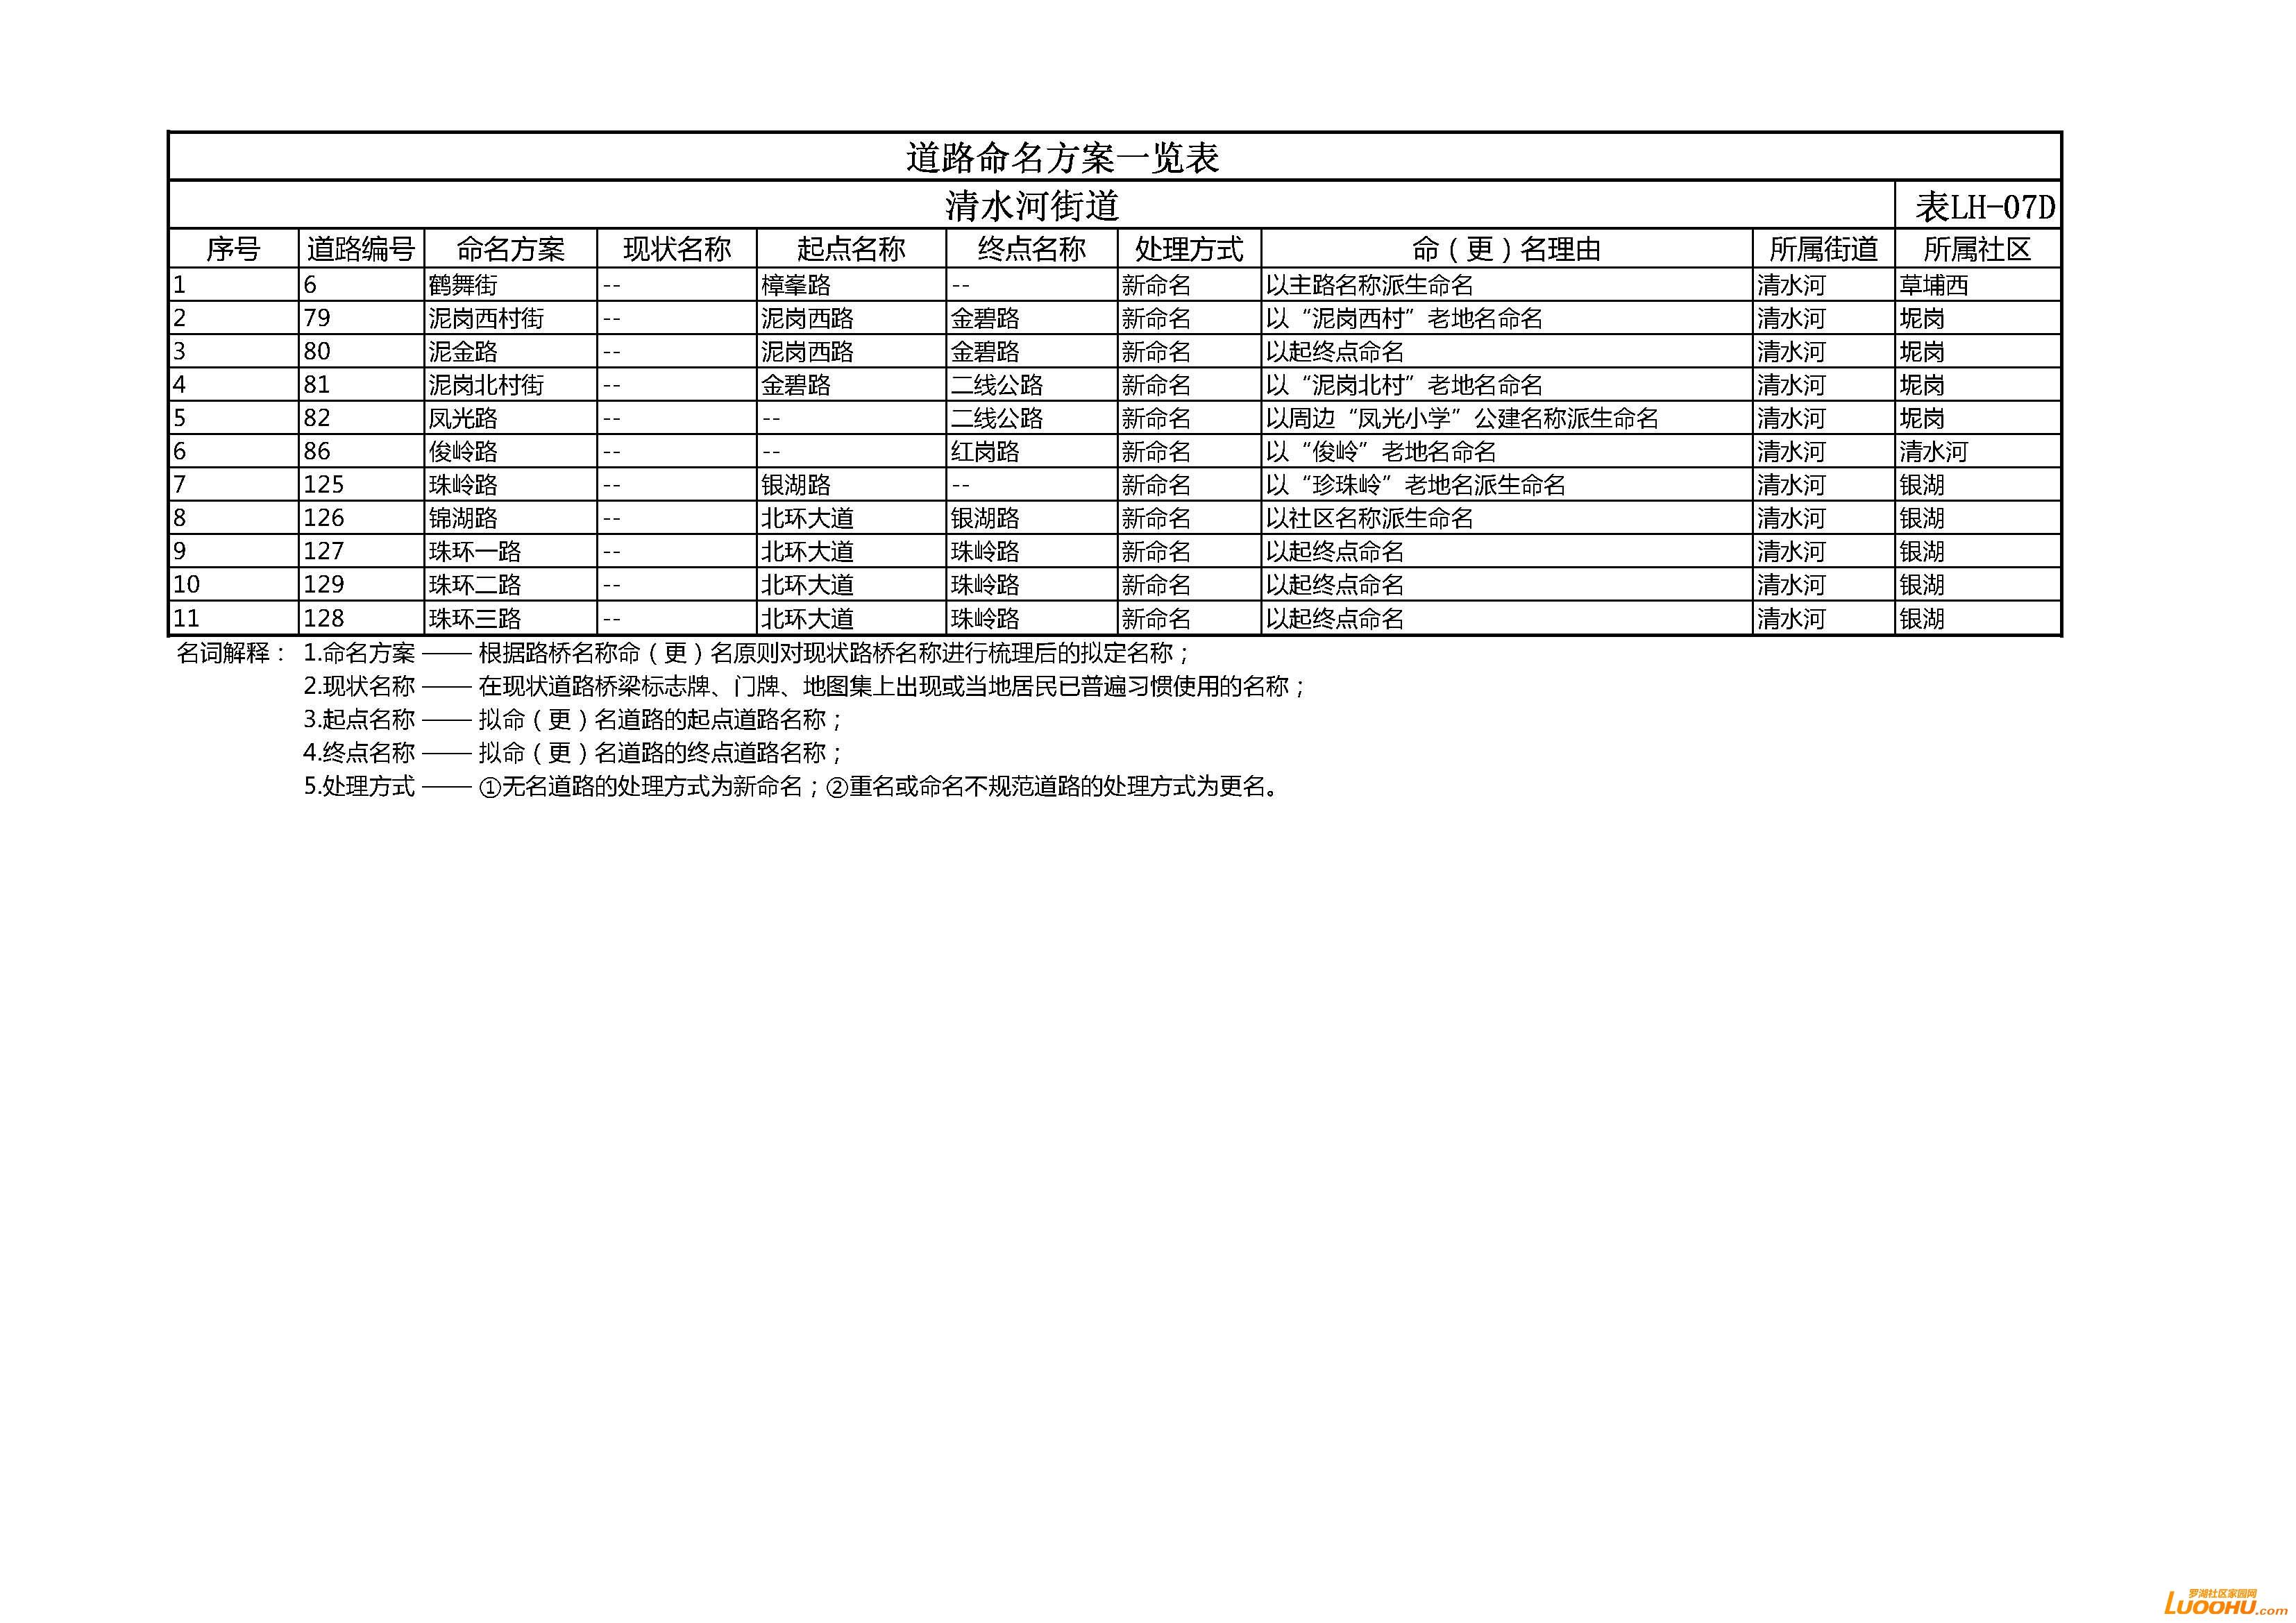 表LH-07D.jpg